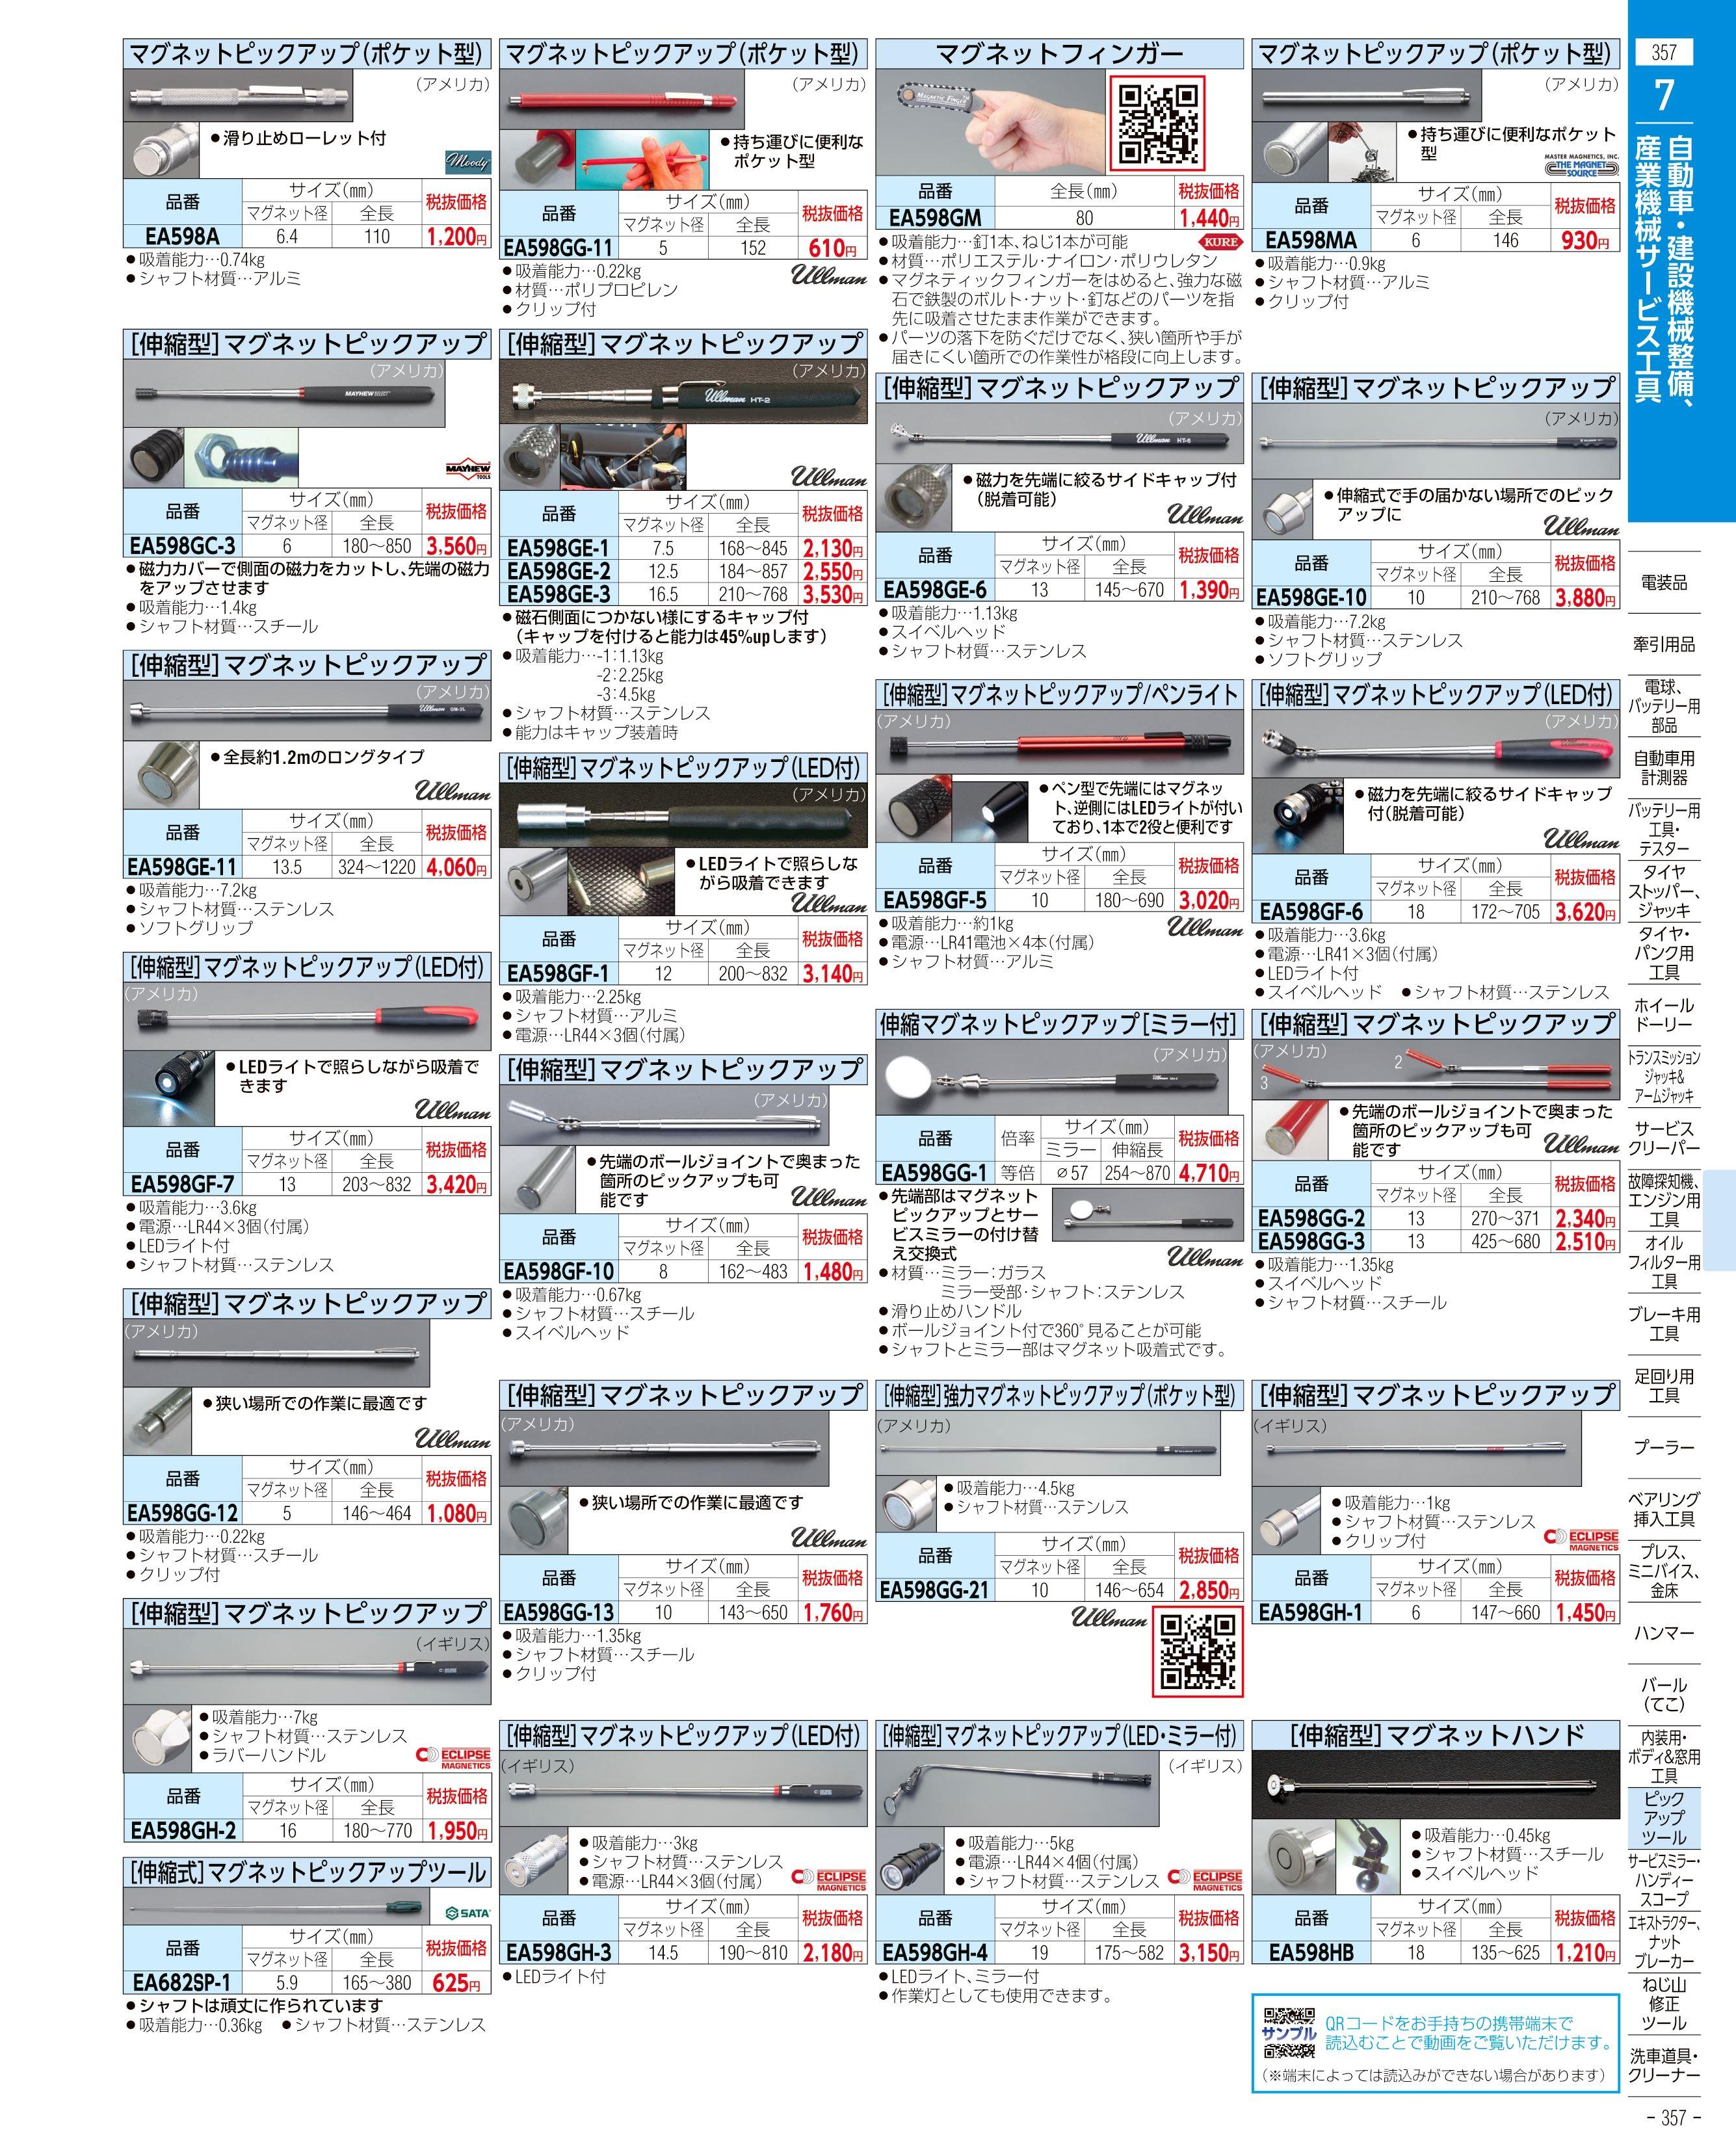 エスコ便利カタログ357ページ